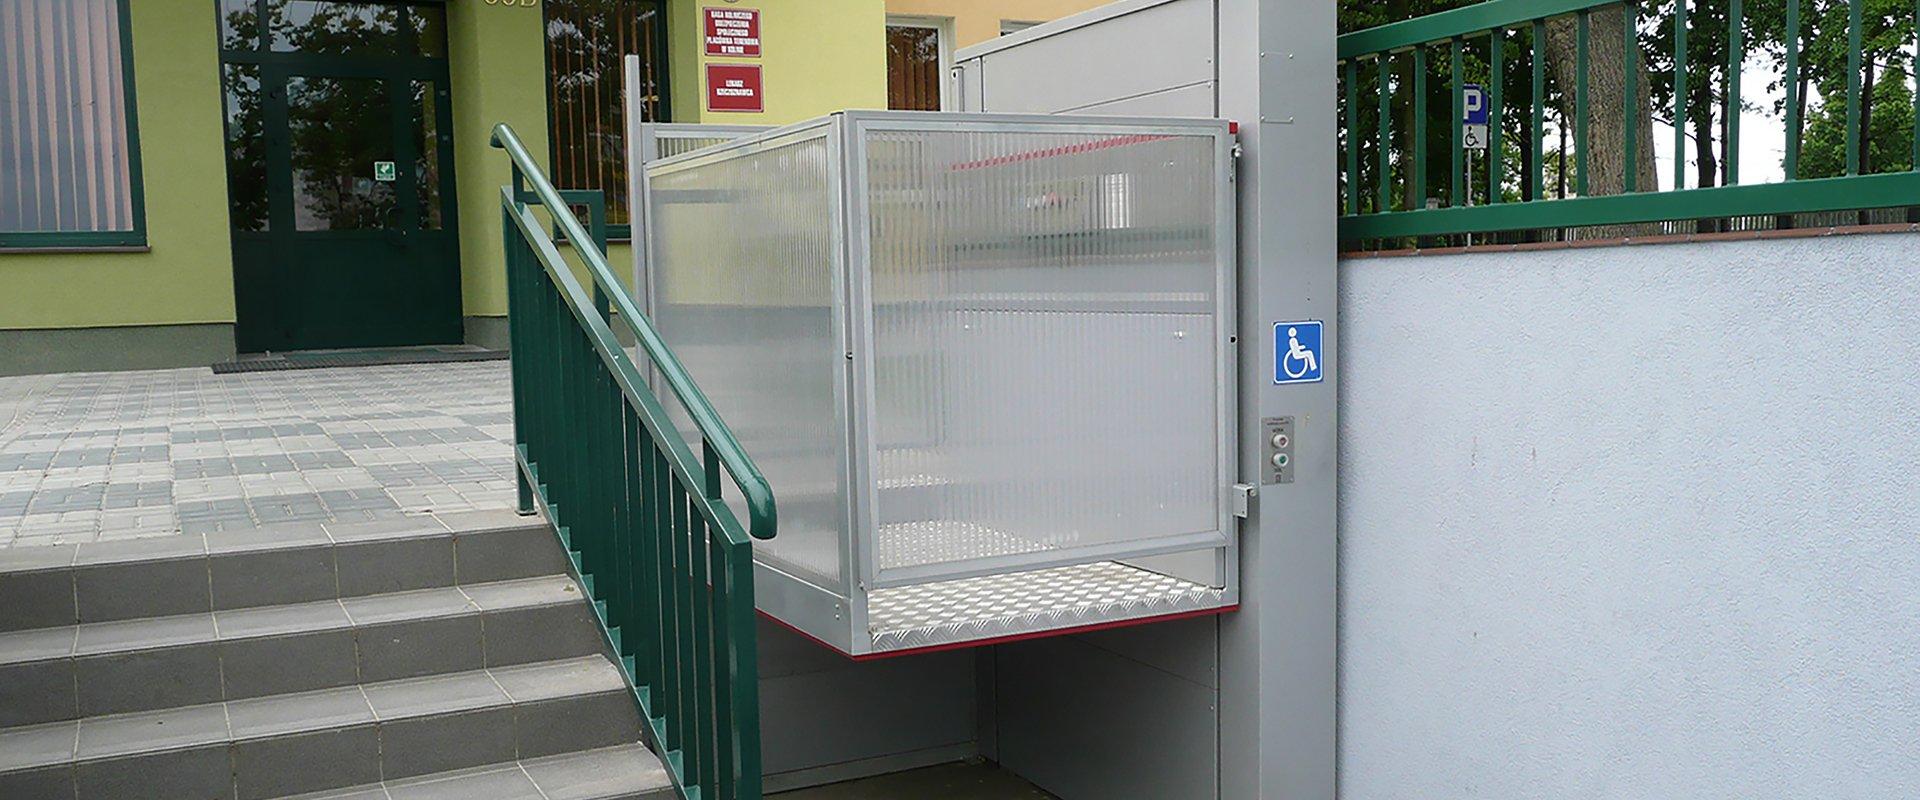 Open platform lift